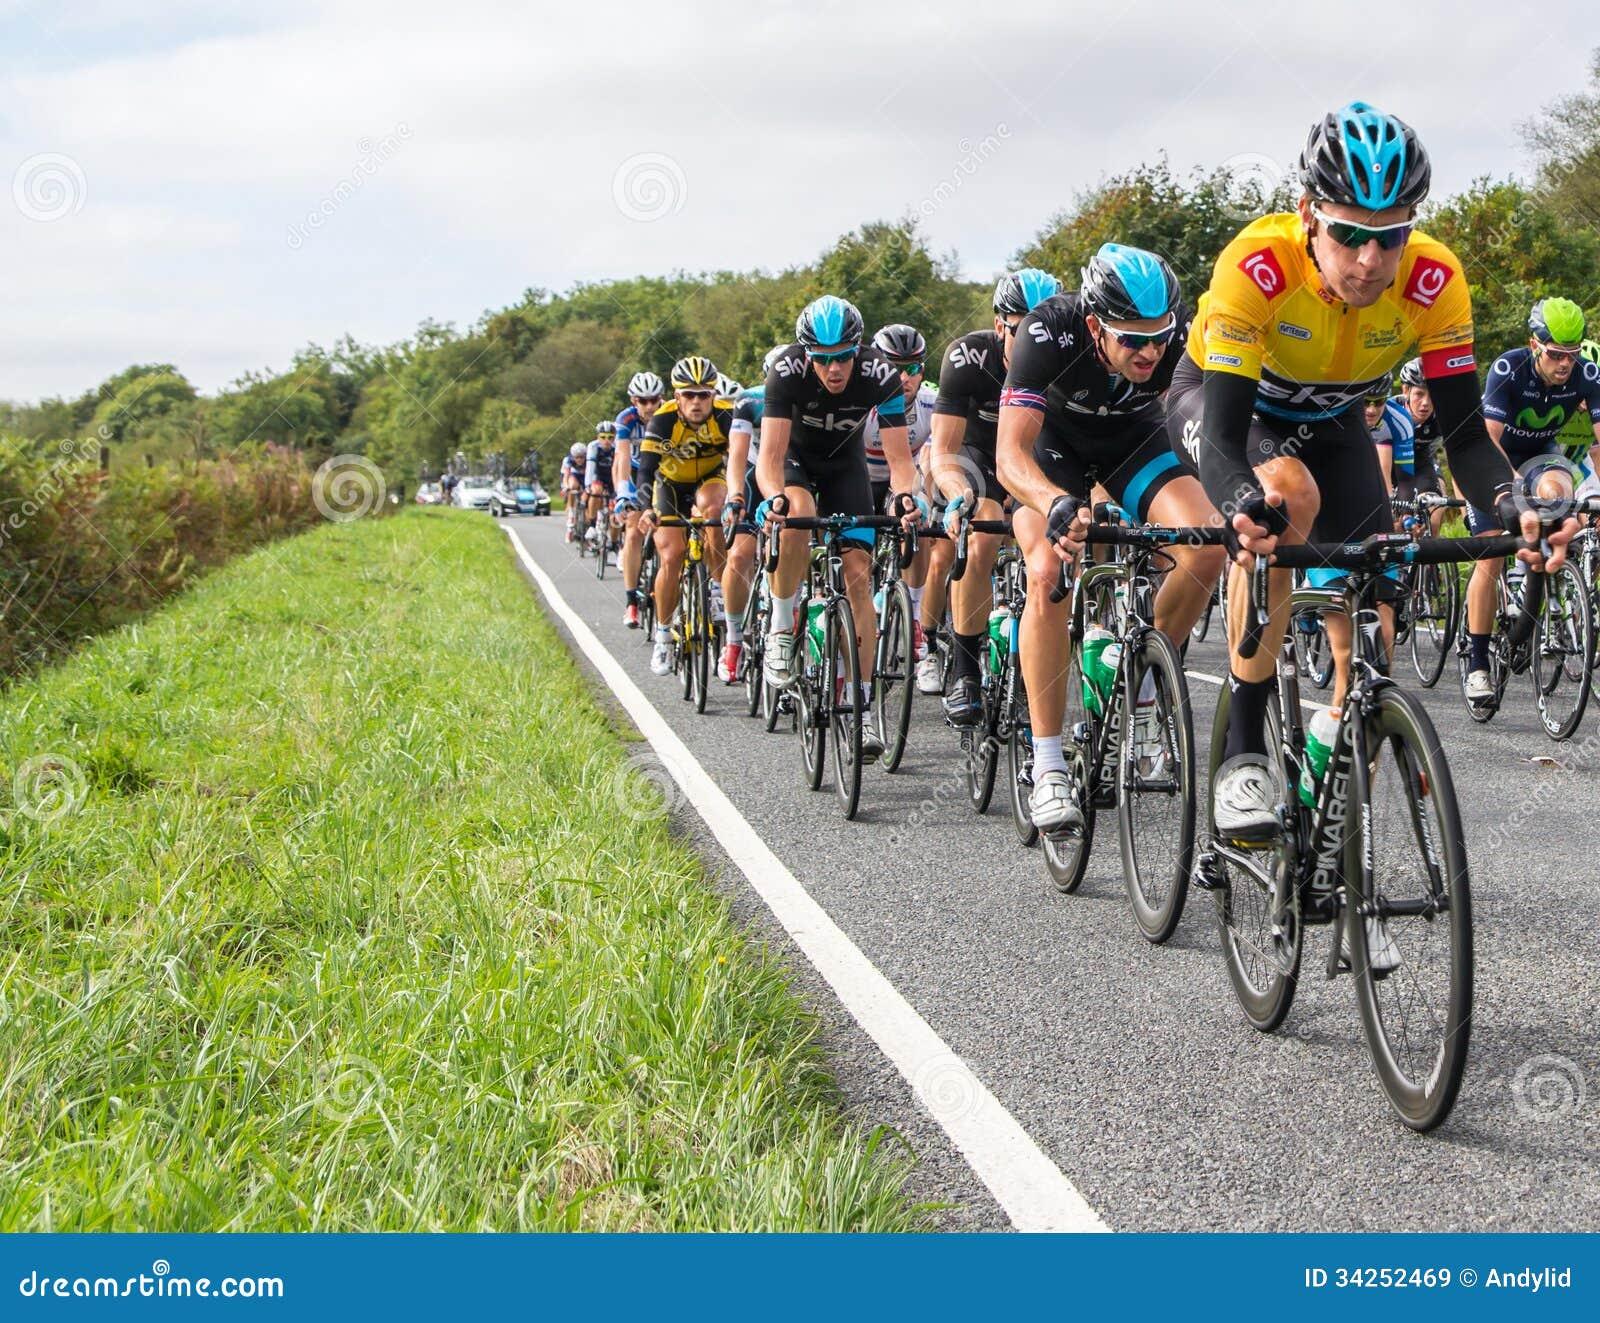 HONITON, REGNO UNITO - 20 SETTEMBRE: Bradley Wiggins indossa la maglia gialla di IG come capo corrente di giro, nel pacchetto dell